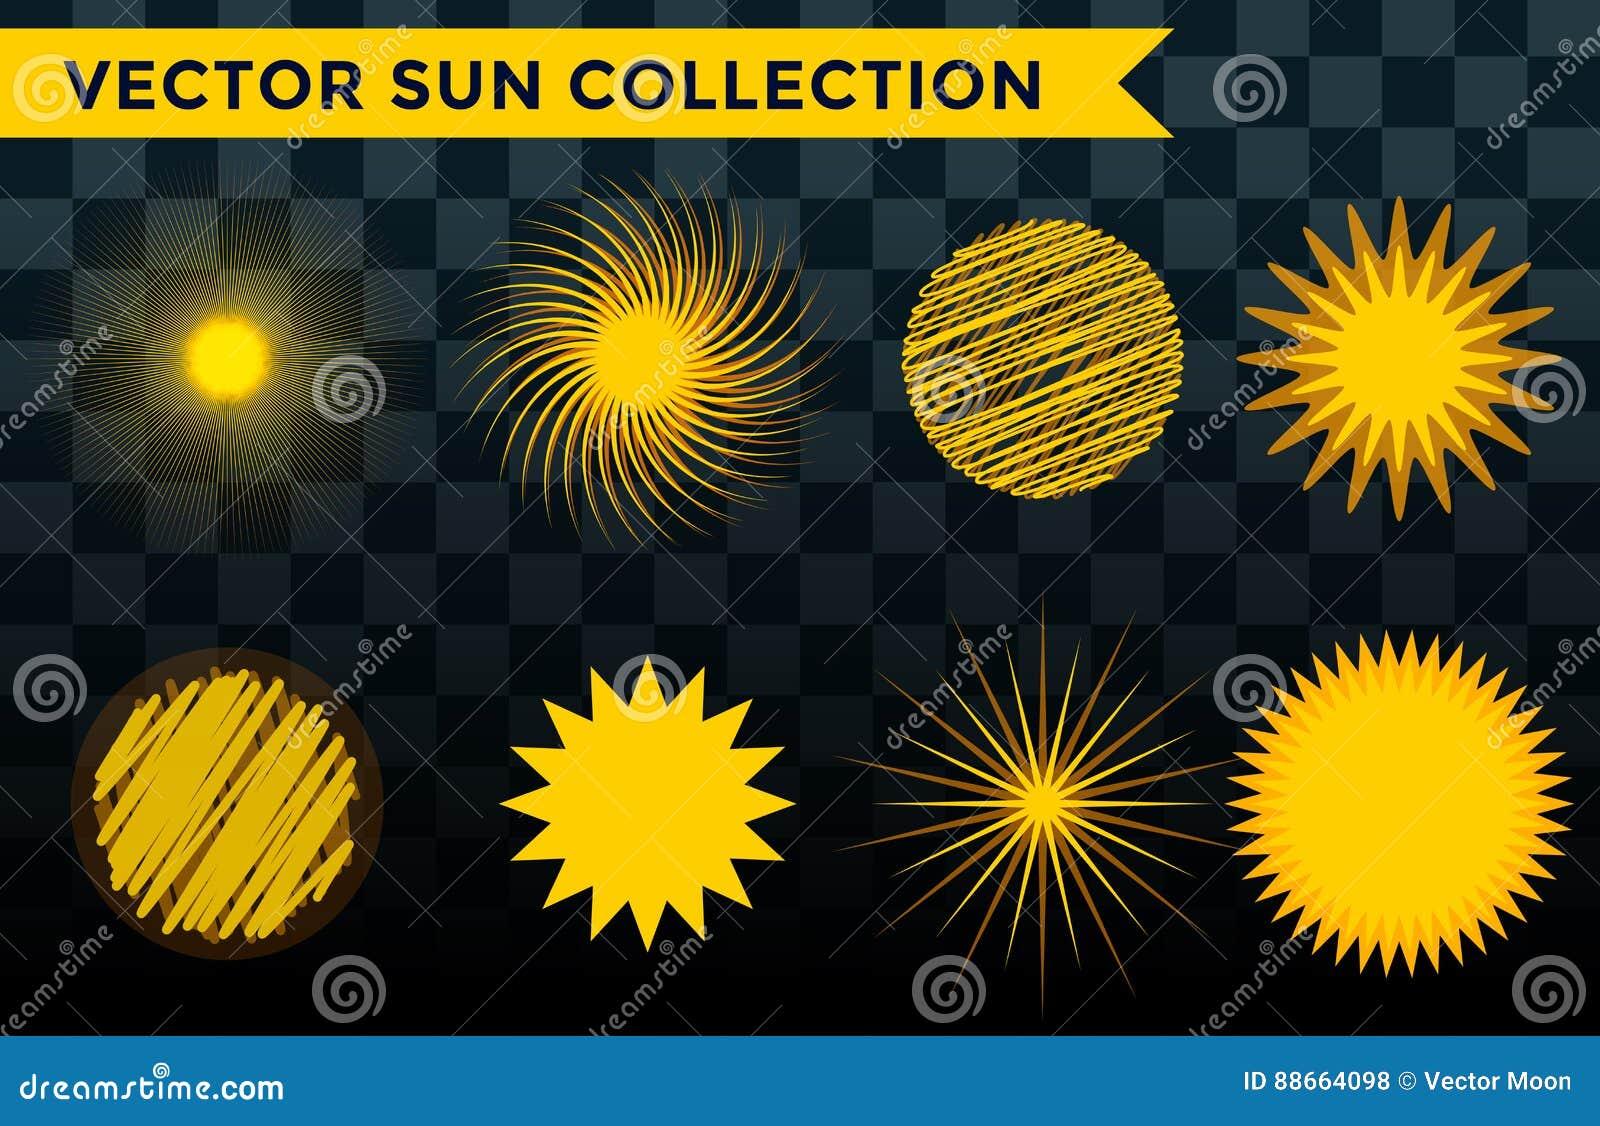 Słońce wybuchu gwiazdy ikony natury połysku światła słonecznego sunbeam iskry wschodu słońca ustalony wektorowy ilustracyjny lato